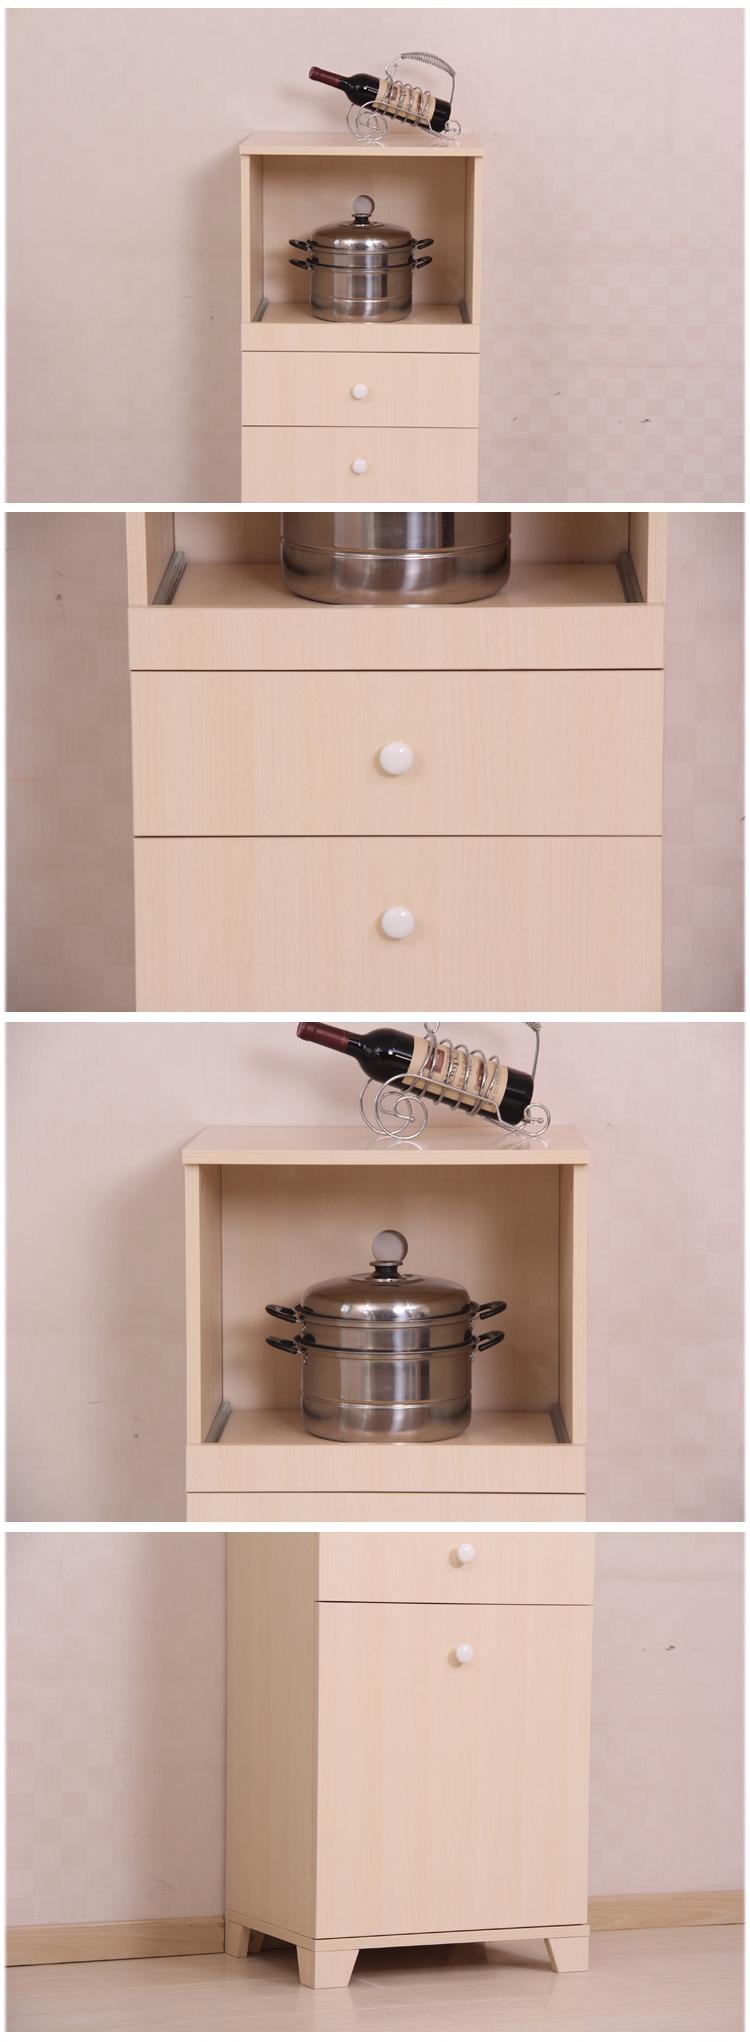 汉傲家具 现代简约时尚多功能橱柜 板式橱柜 餐厅储物图片